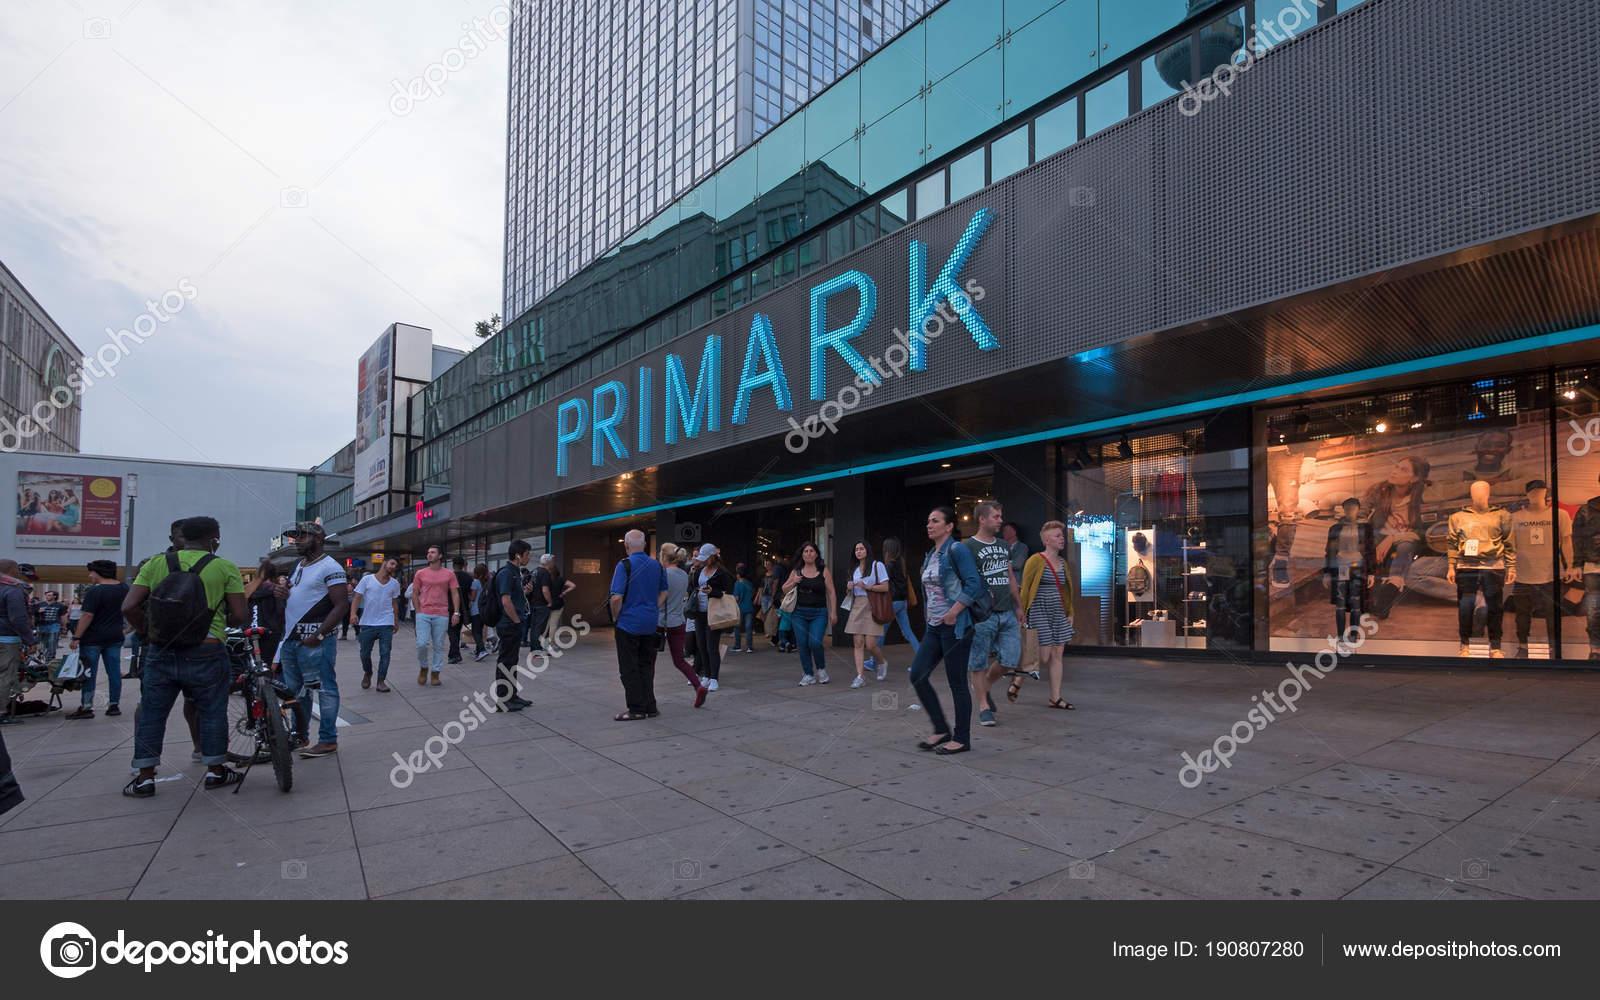 Primark alexanderplatz berlin